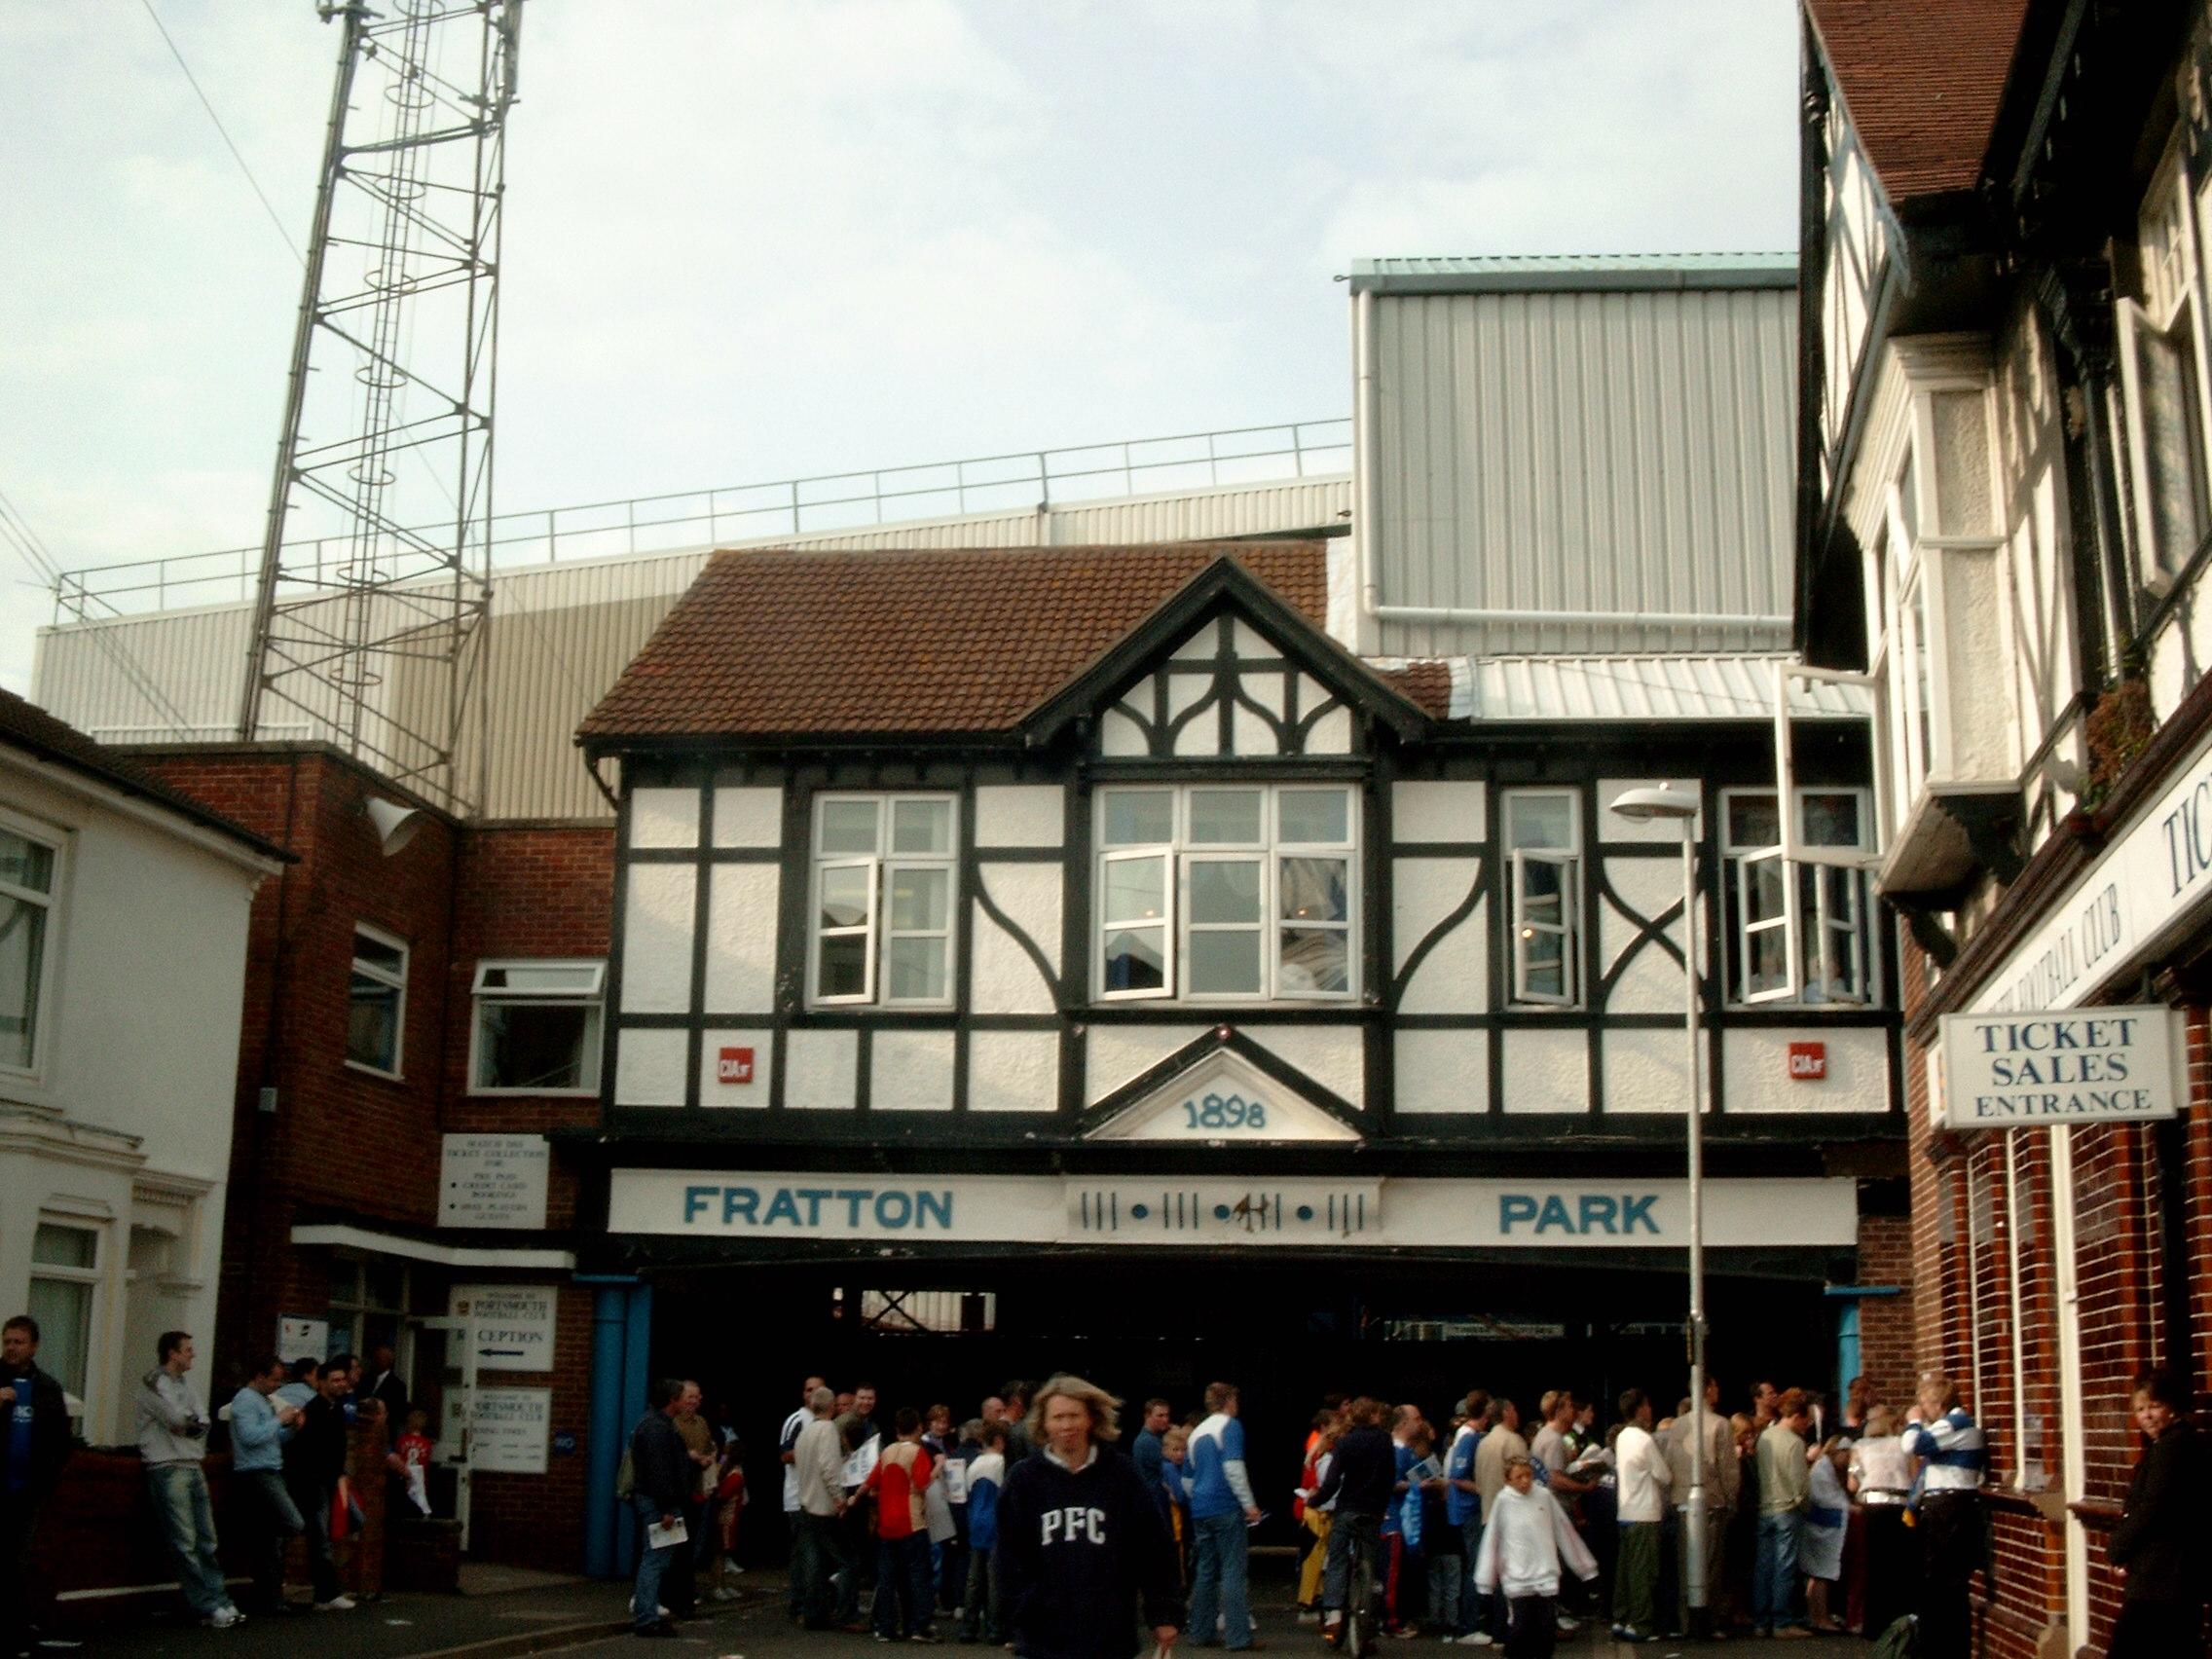 Calcisticamente una rivalit fortissima separa Southampton e Portsmouth solo che al momento le due squadre sono separate anche dall opposto destino la